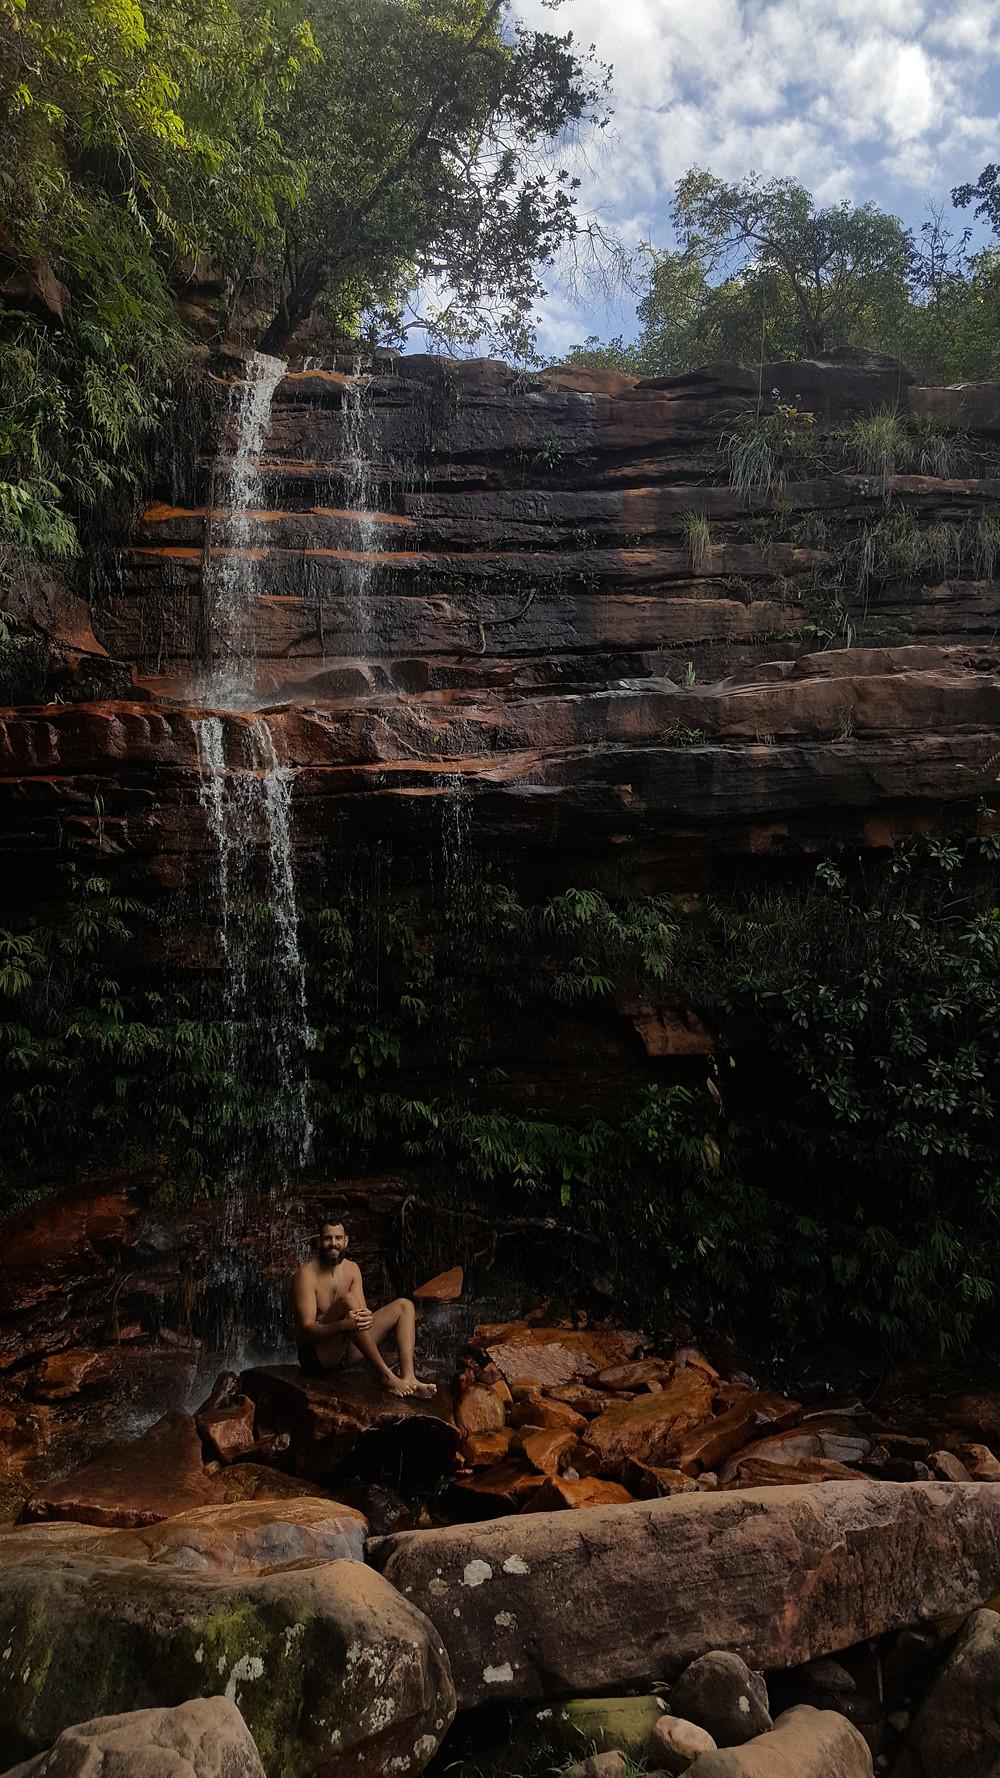 Viaje com pouco - Chapada Diamantina - Cachoeirinha do Serrano